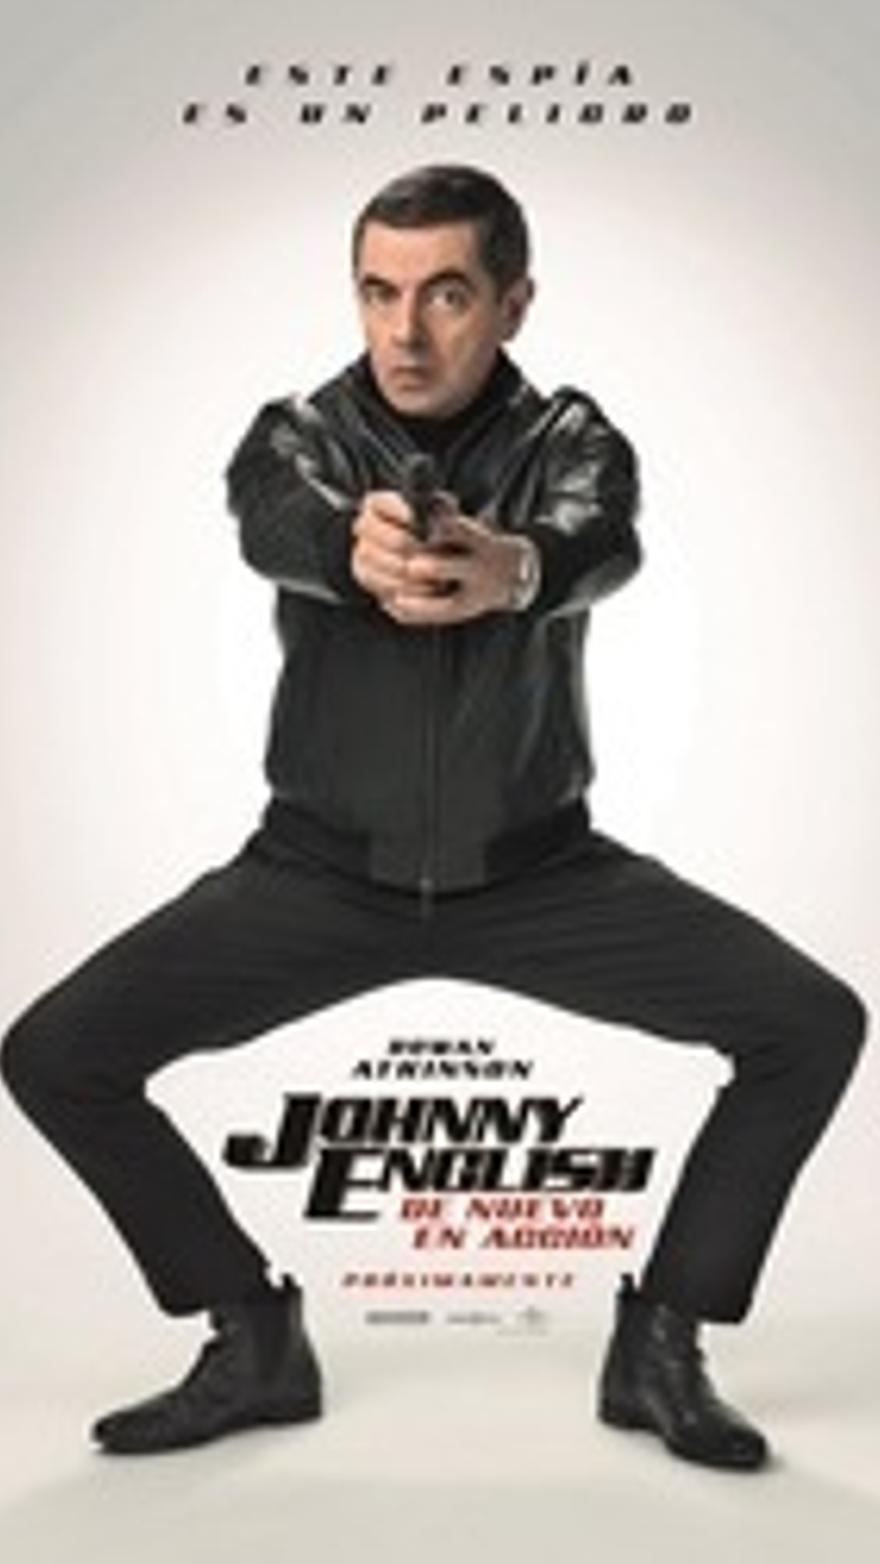 Johnny English de nuevo en acción